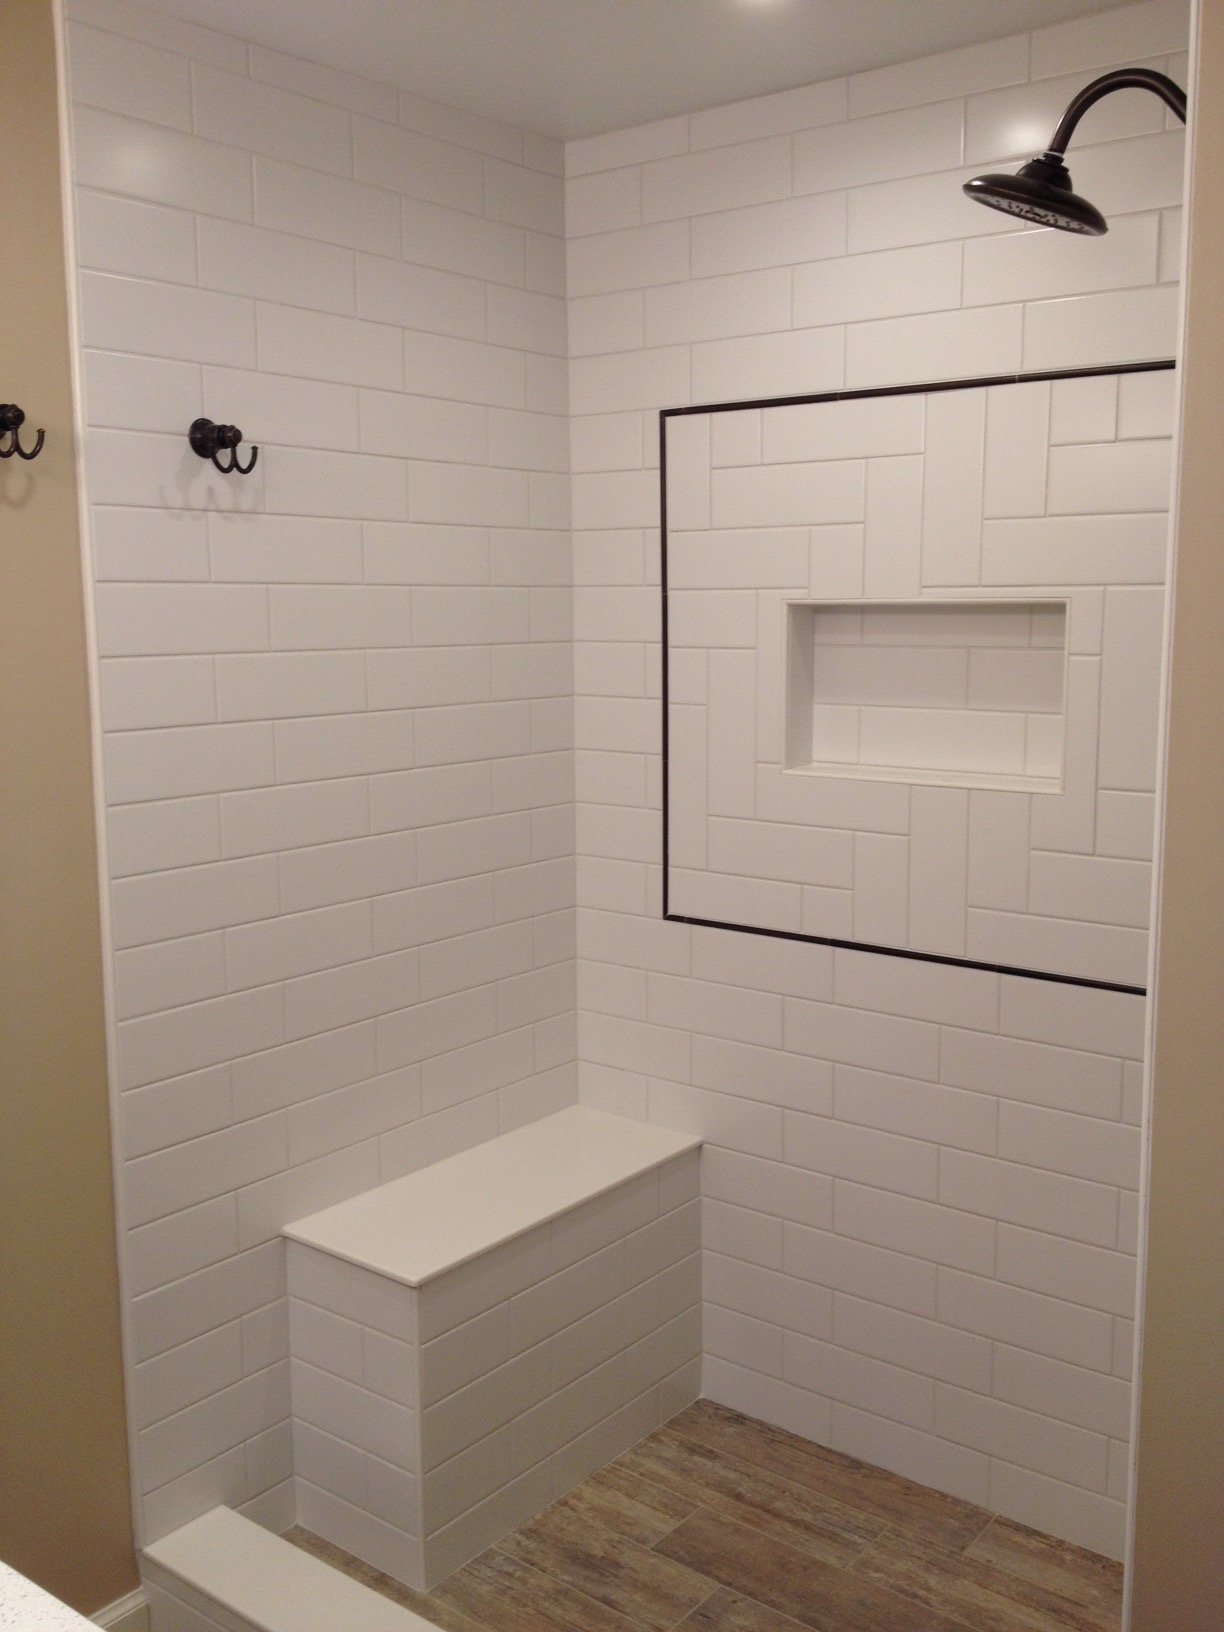 tile shower niche